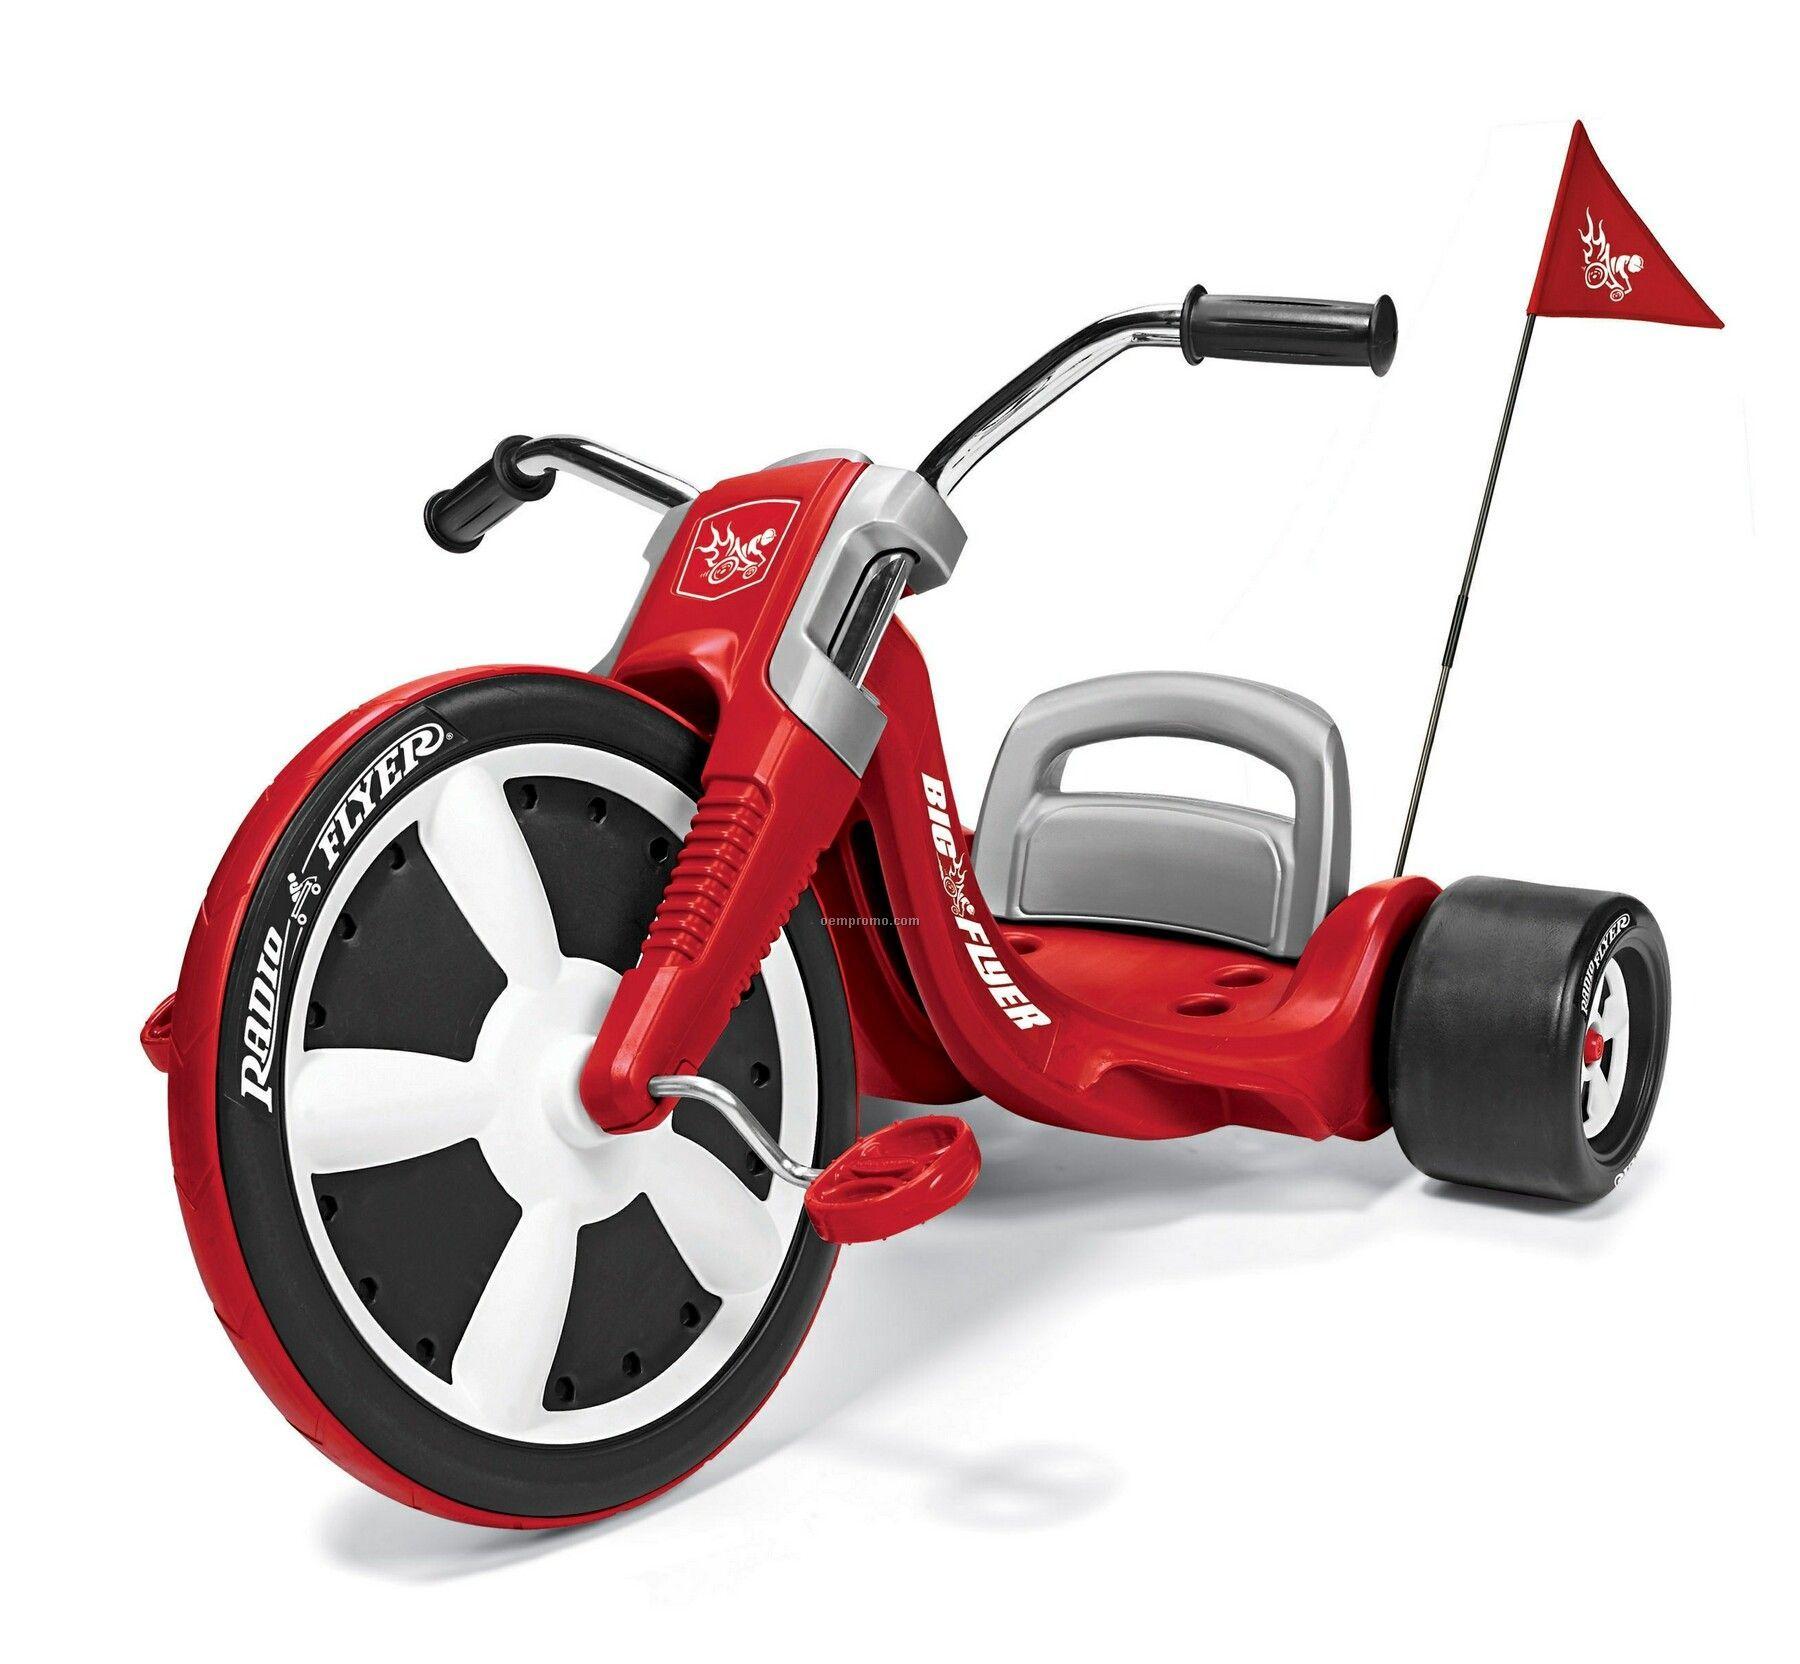 Трехколесный велосипед Radio Flyer - удовольствие для ребенка